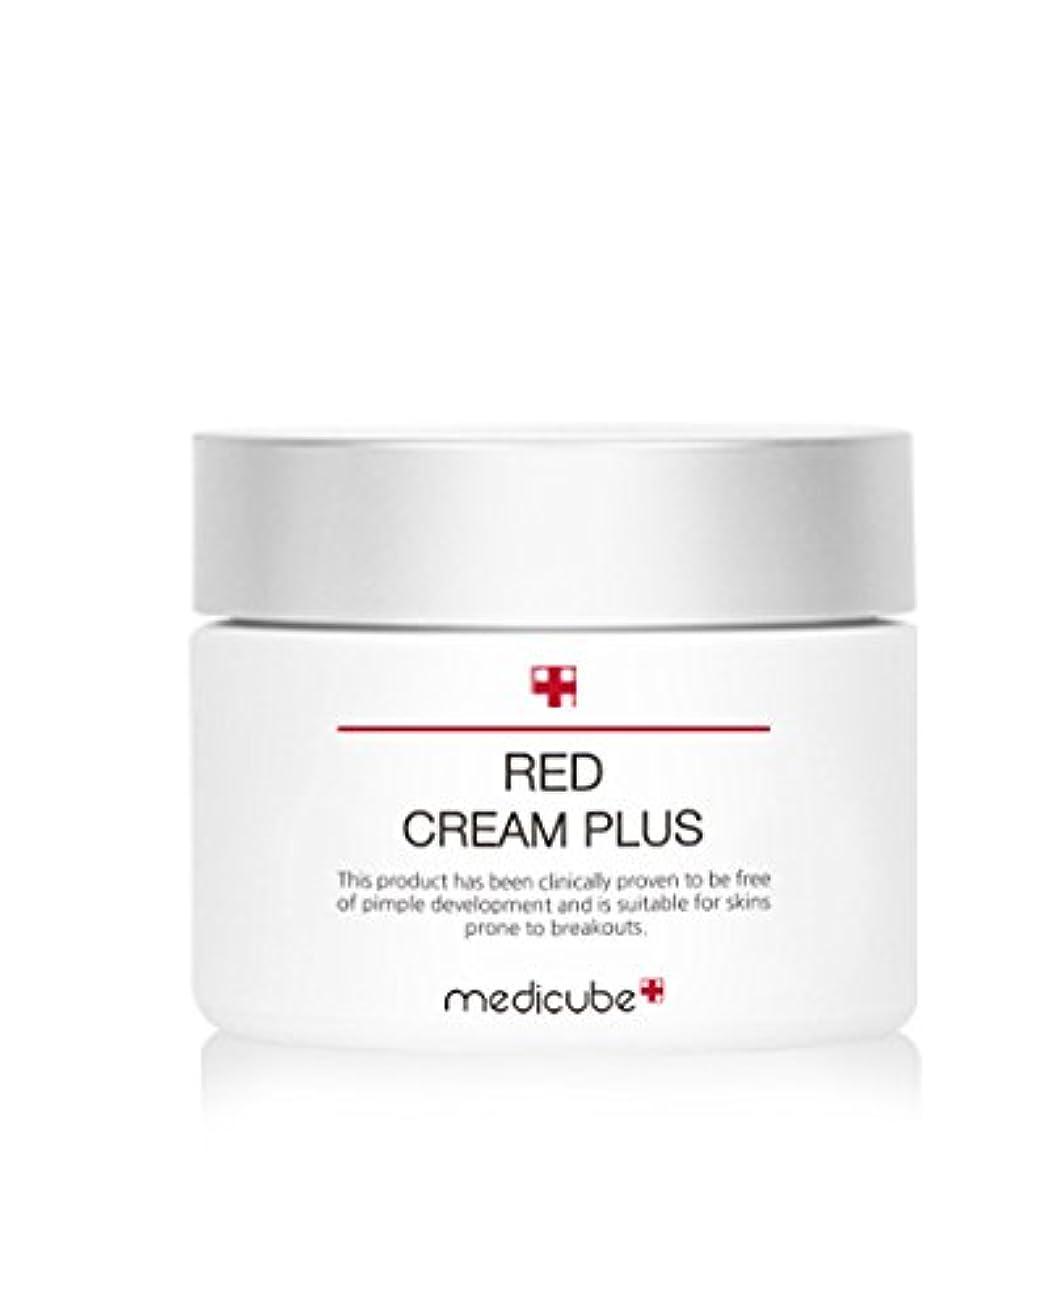 熟した細部虚弱[Medicube]メディキューブ レッド クリーム プラス 大容量 100ml / Medicube Red Cream Plus 100ml [並行輸入品]